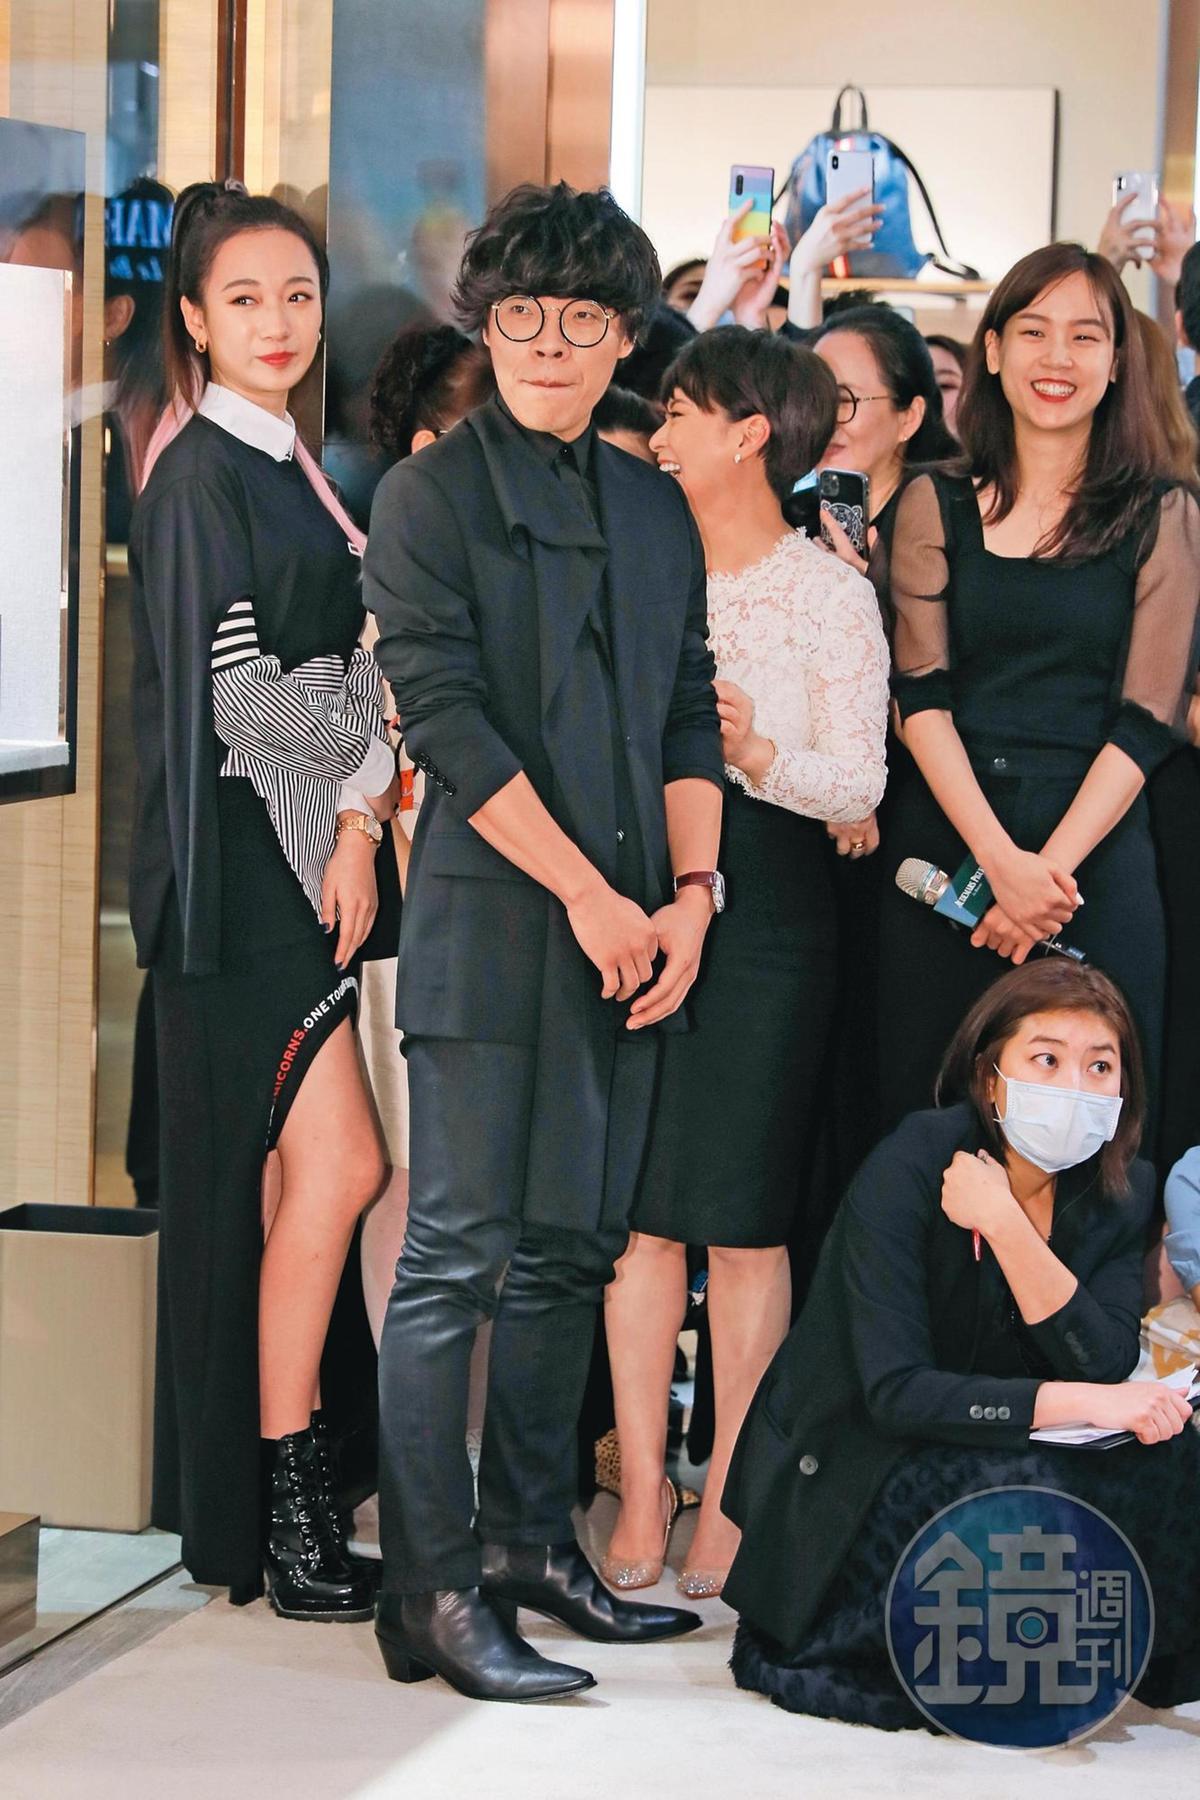 盧廣仲自出道以來形象良好,是許多廠商力邀的對象。